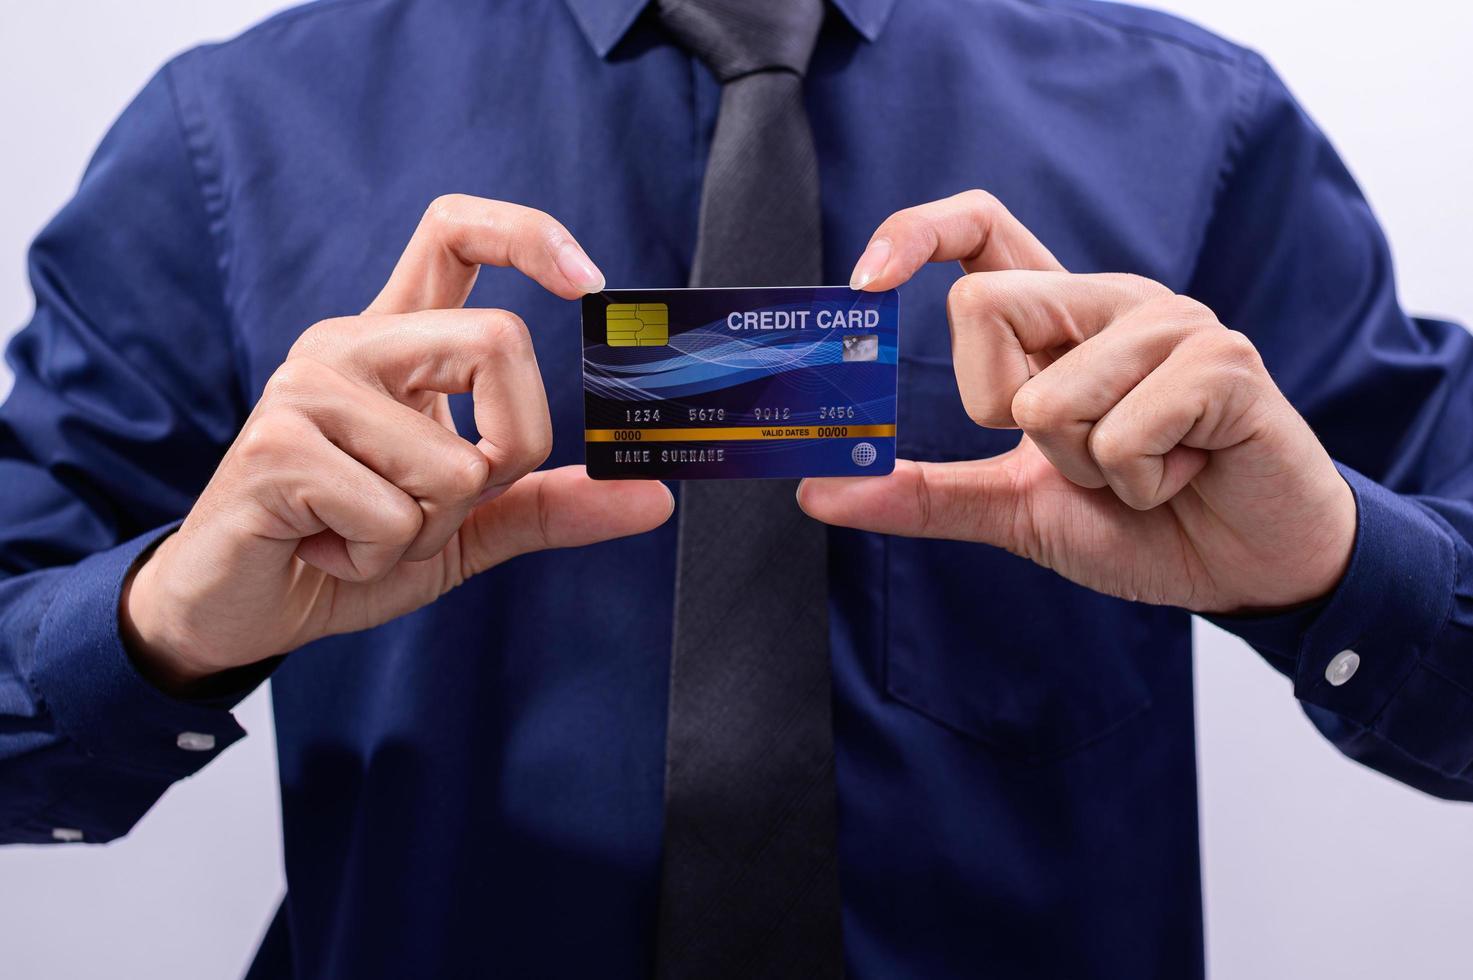 profissional vestindo uma camisa azul com um cartão de crédito foto